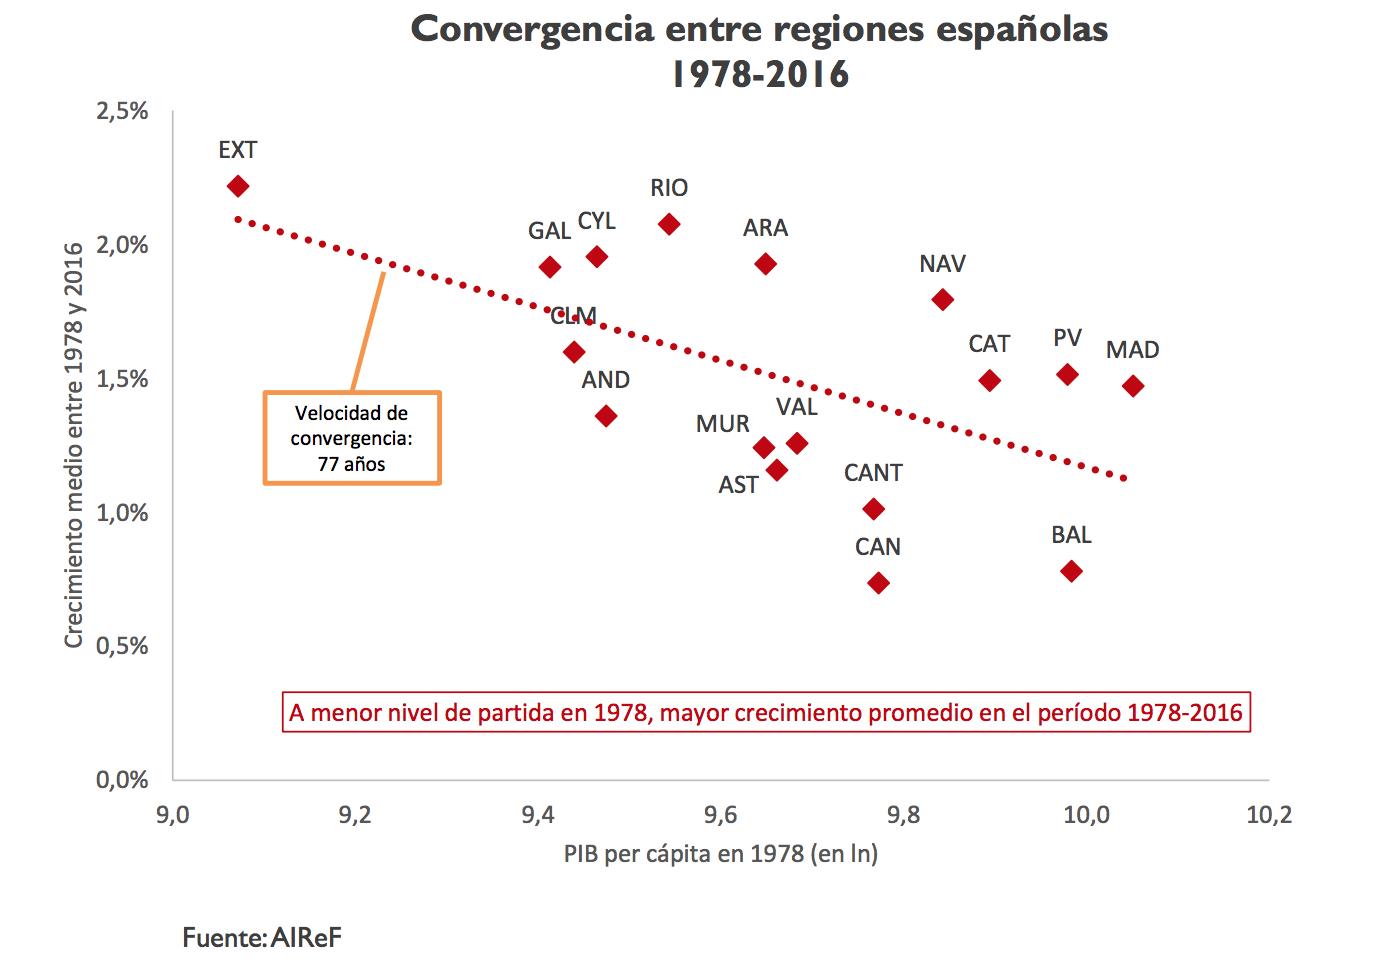 4-convergencia-renta-pib-per-capita-espa